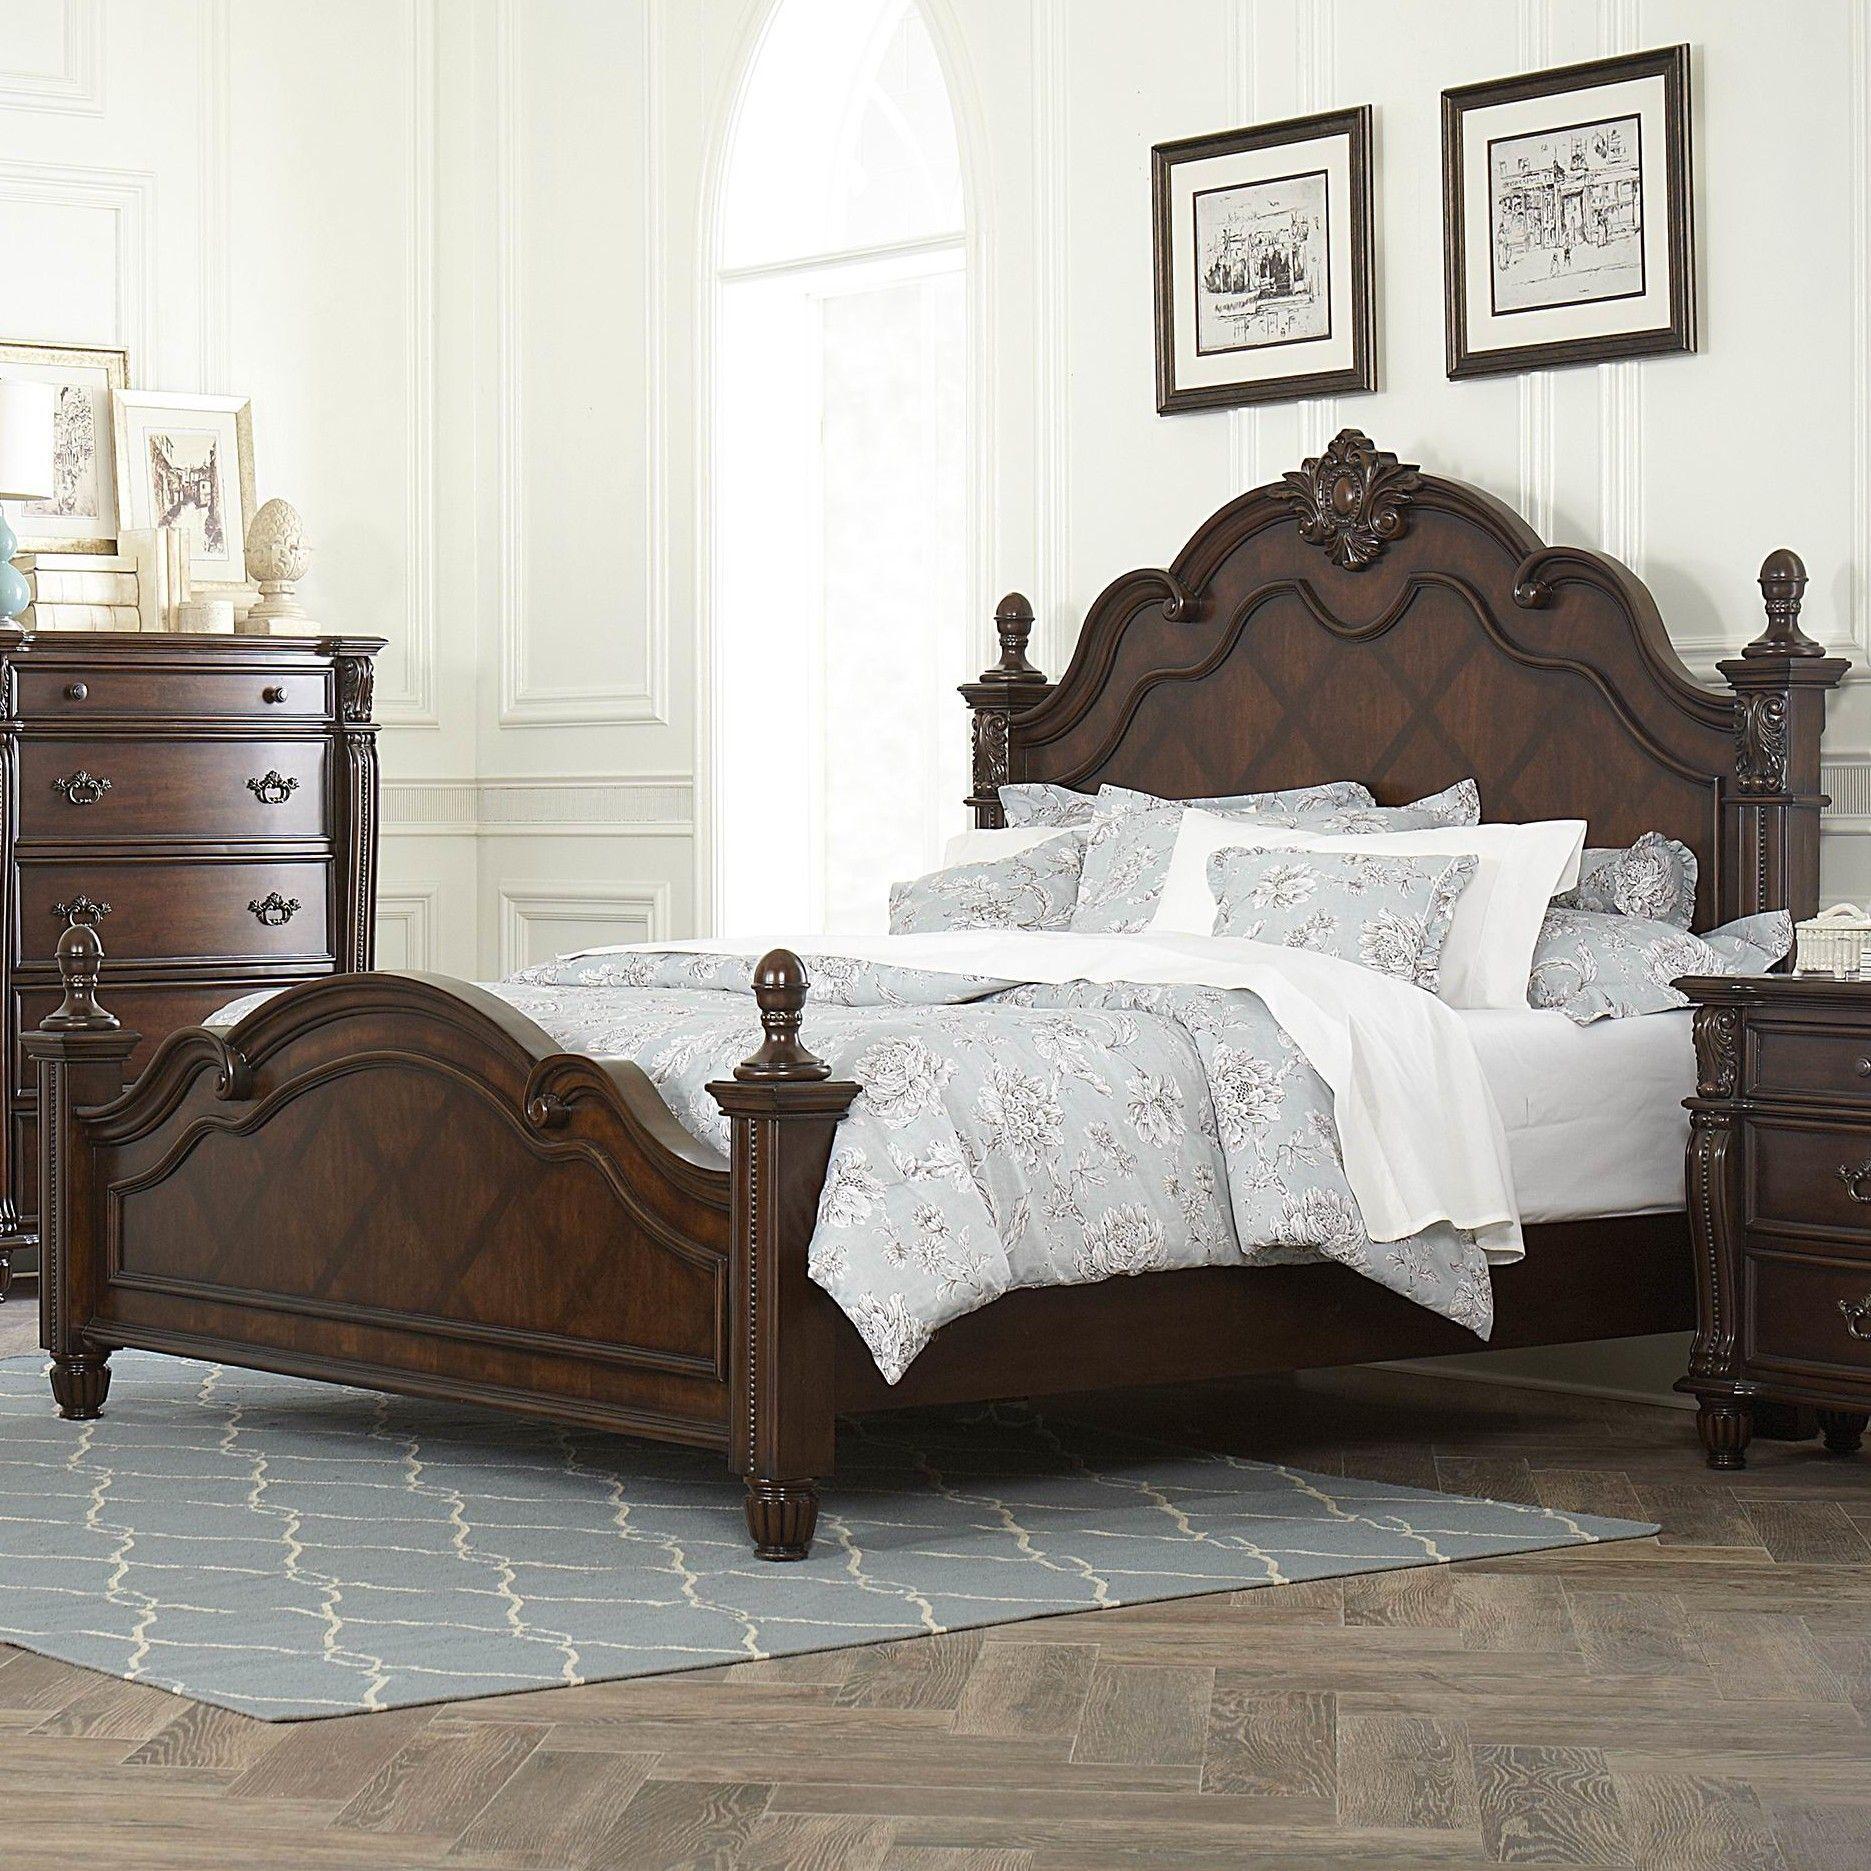 Hadley Row Panel Bed Wood bedroom decor, Cherry bedroom